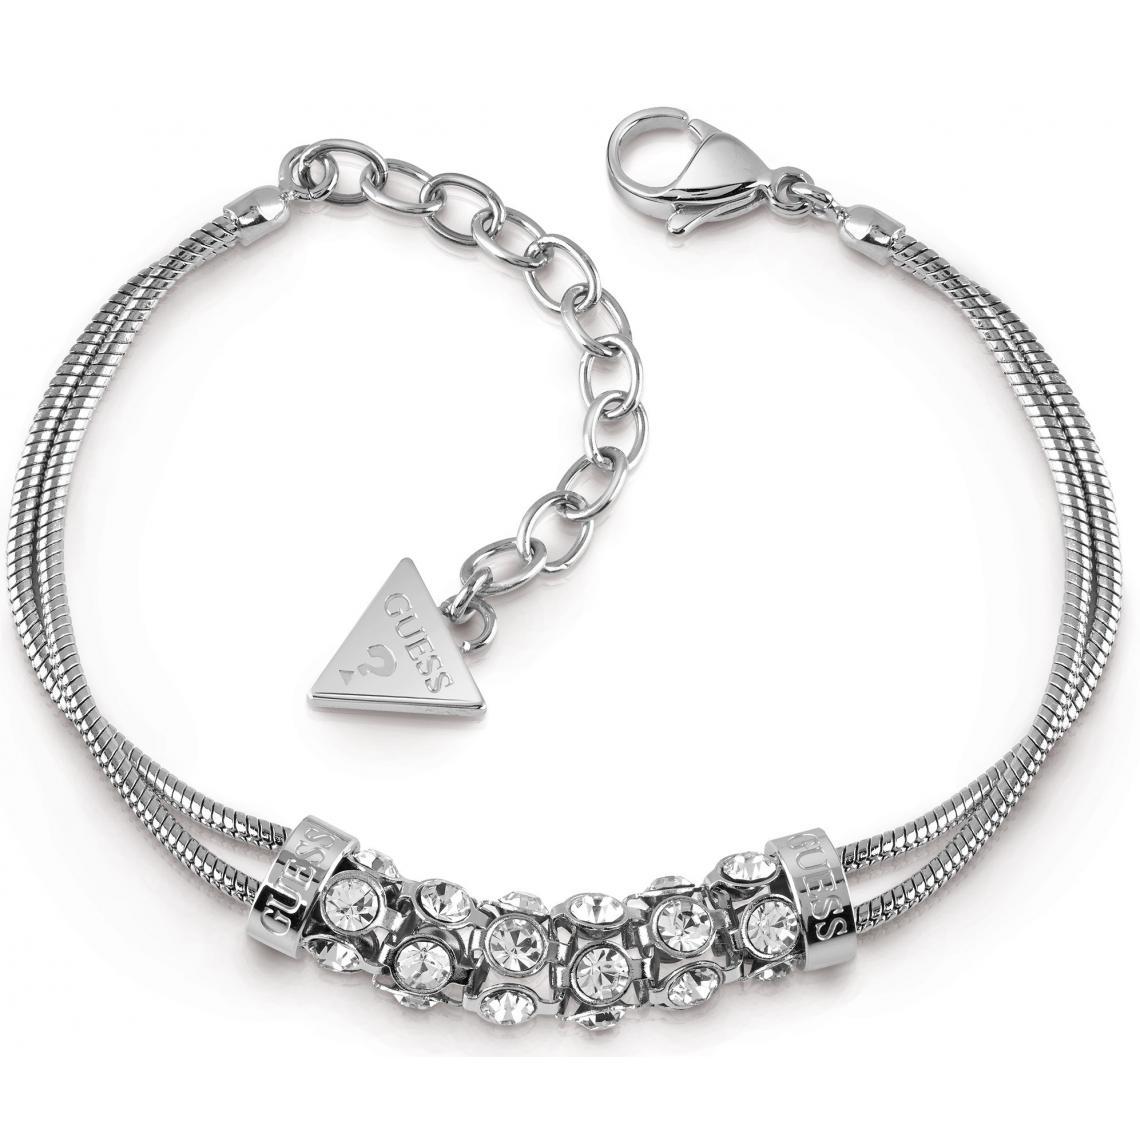 Promo : Bracelet Guess Bijoux UBB28061 - Acier rhodié cristaux Guess Bijoux